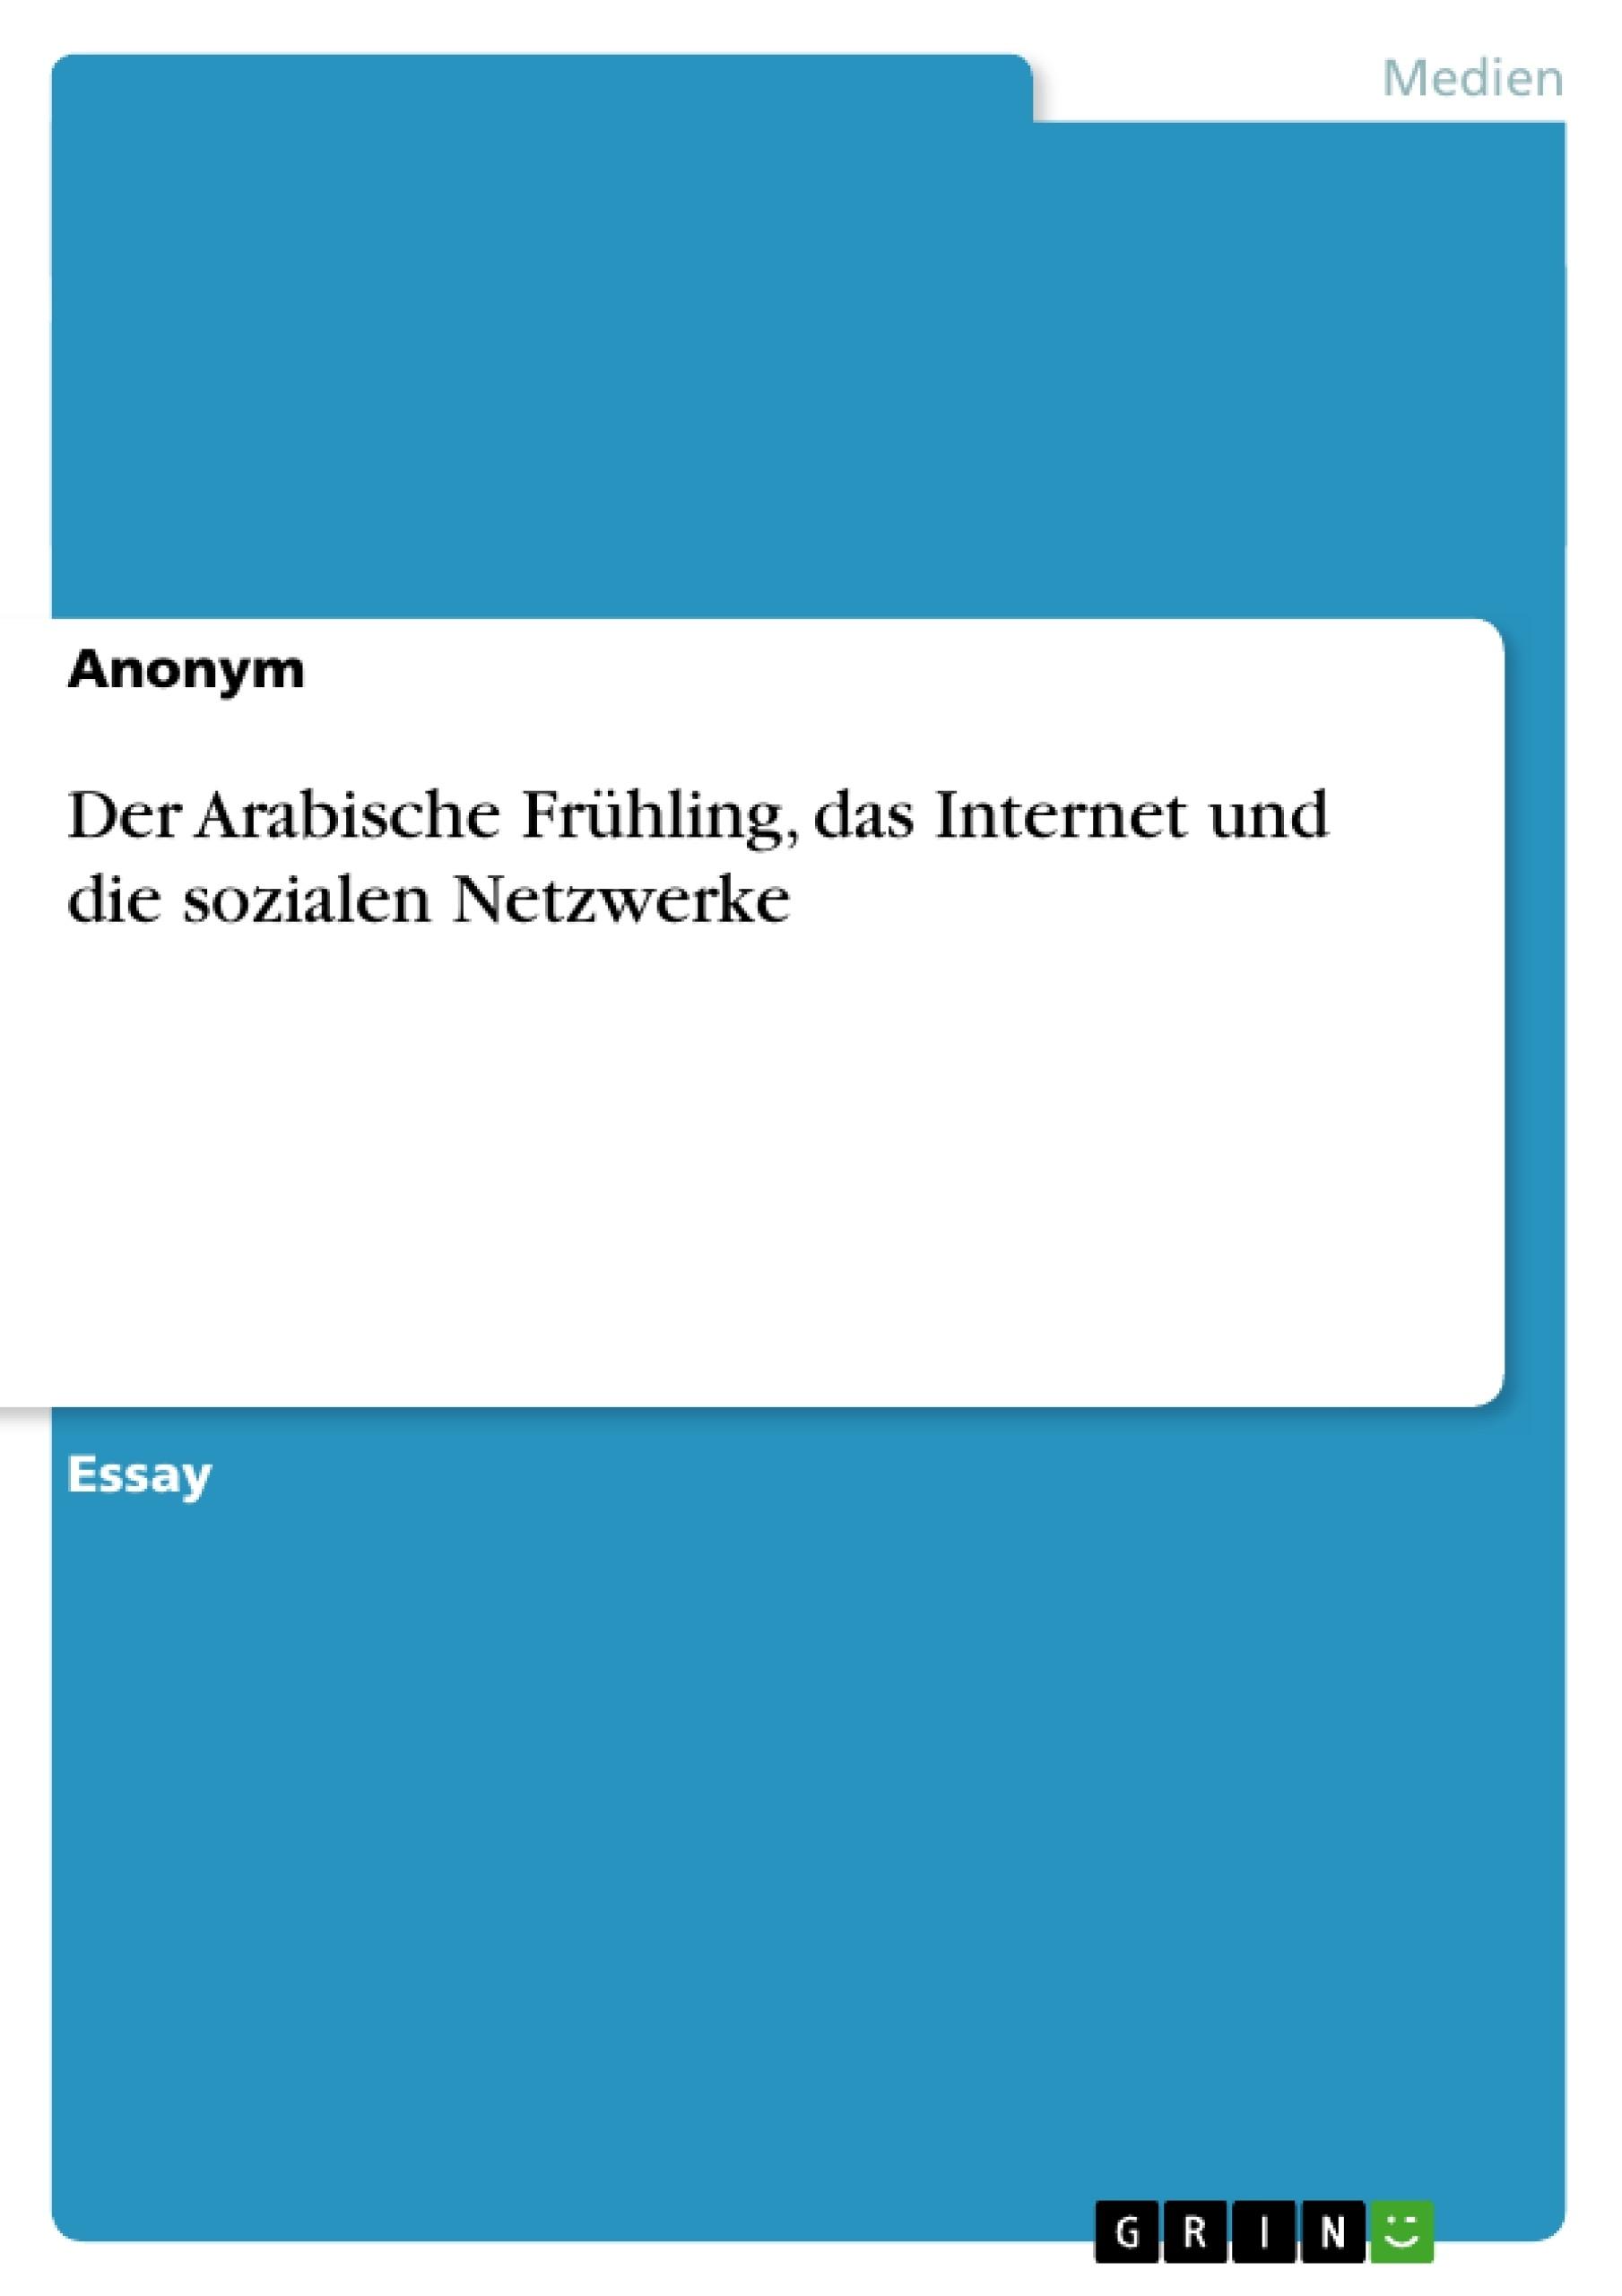 Titel: Der Arabische Frühling, das Internet und die sozialen Netzwerke